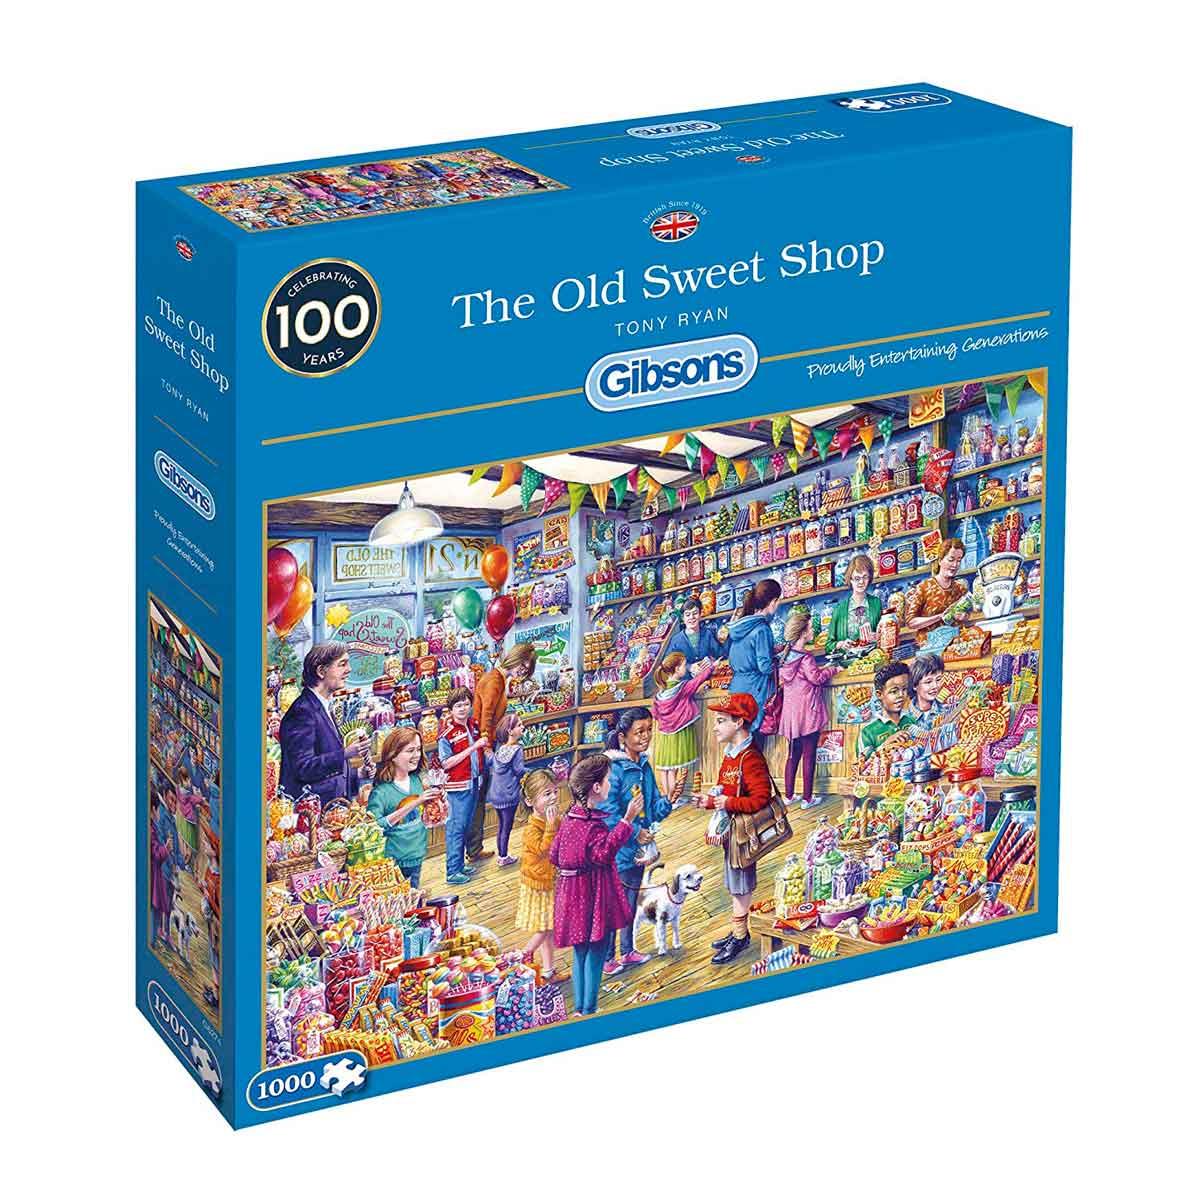 Puzzle Gibsons La Vieja Tienda de Golosinas de 1000 Pzs